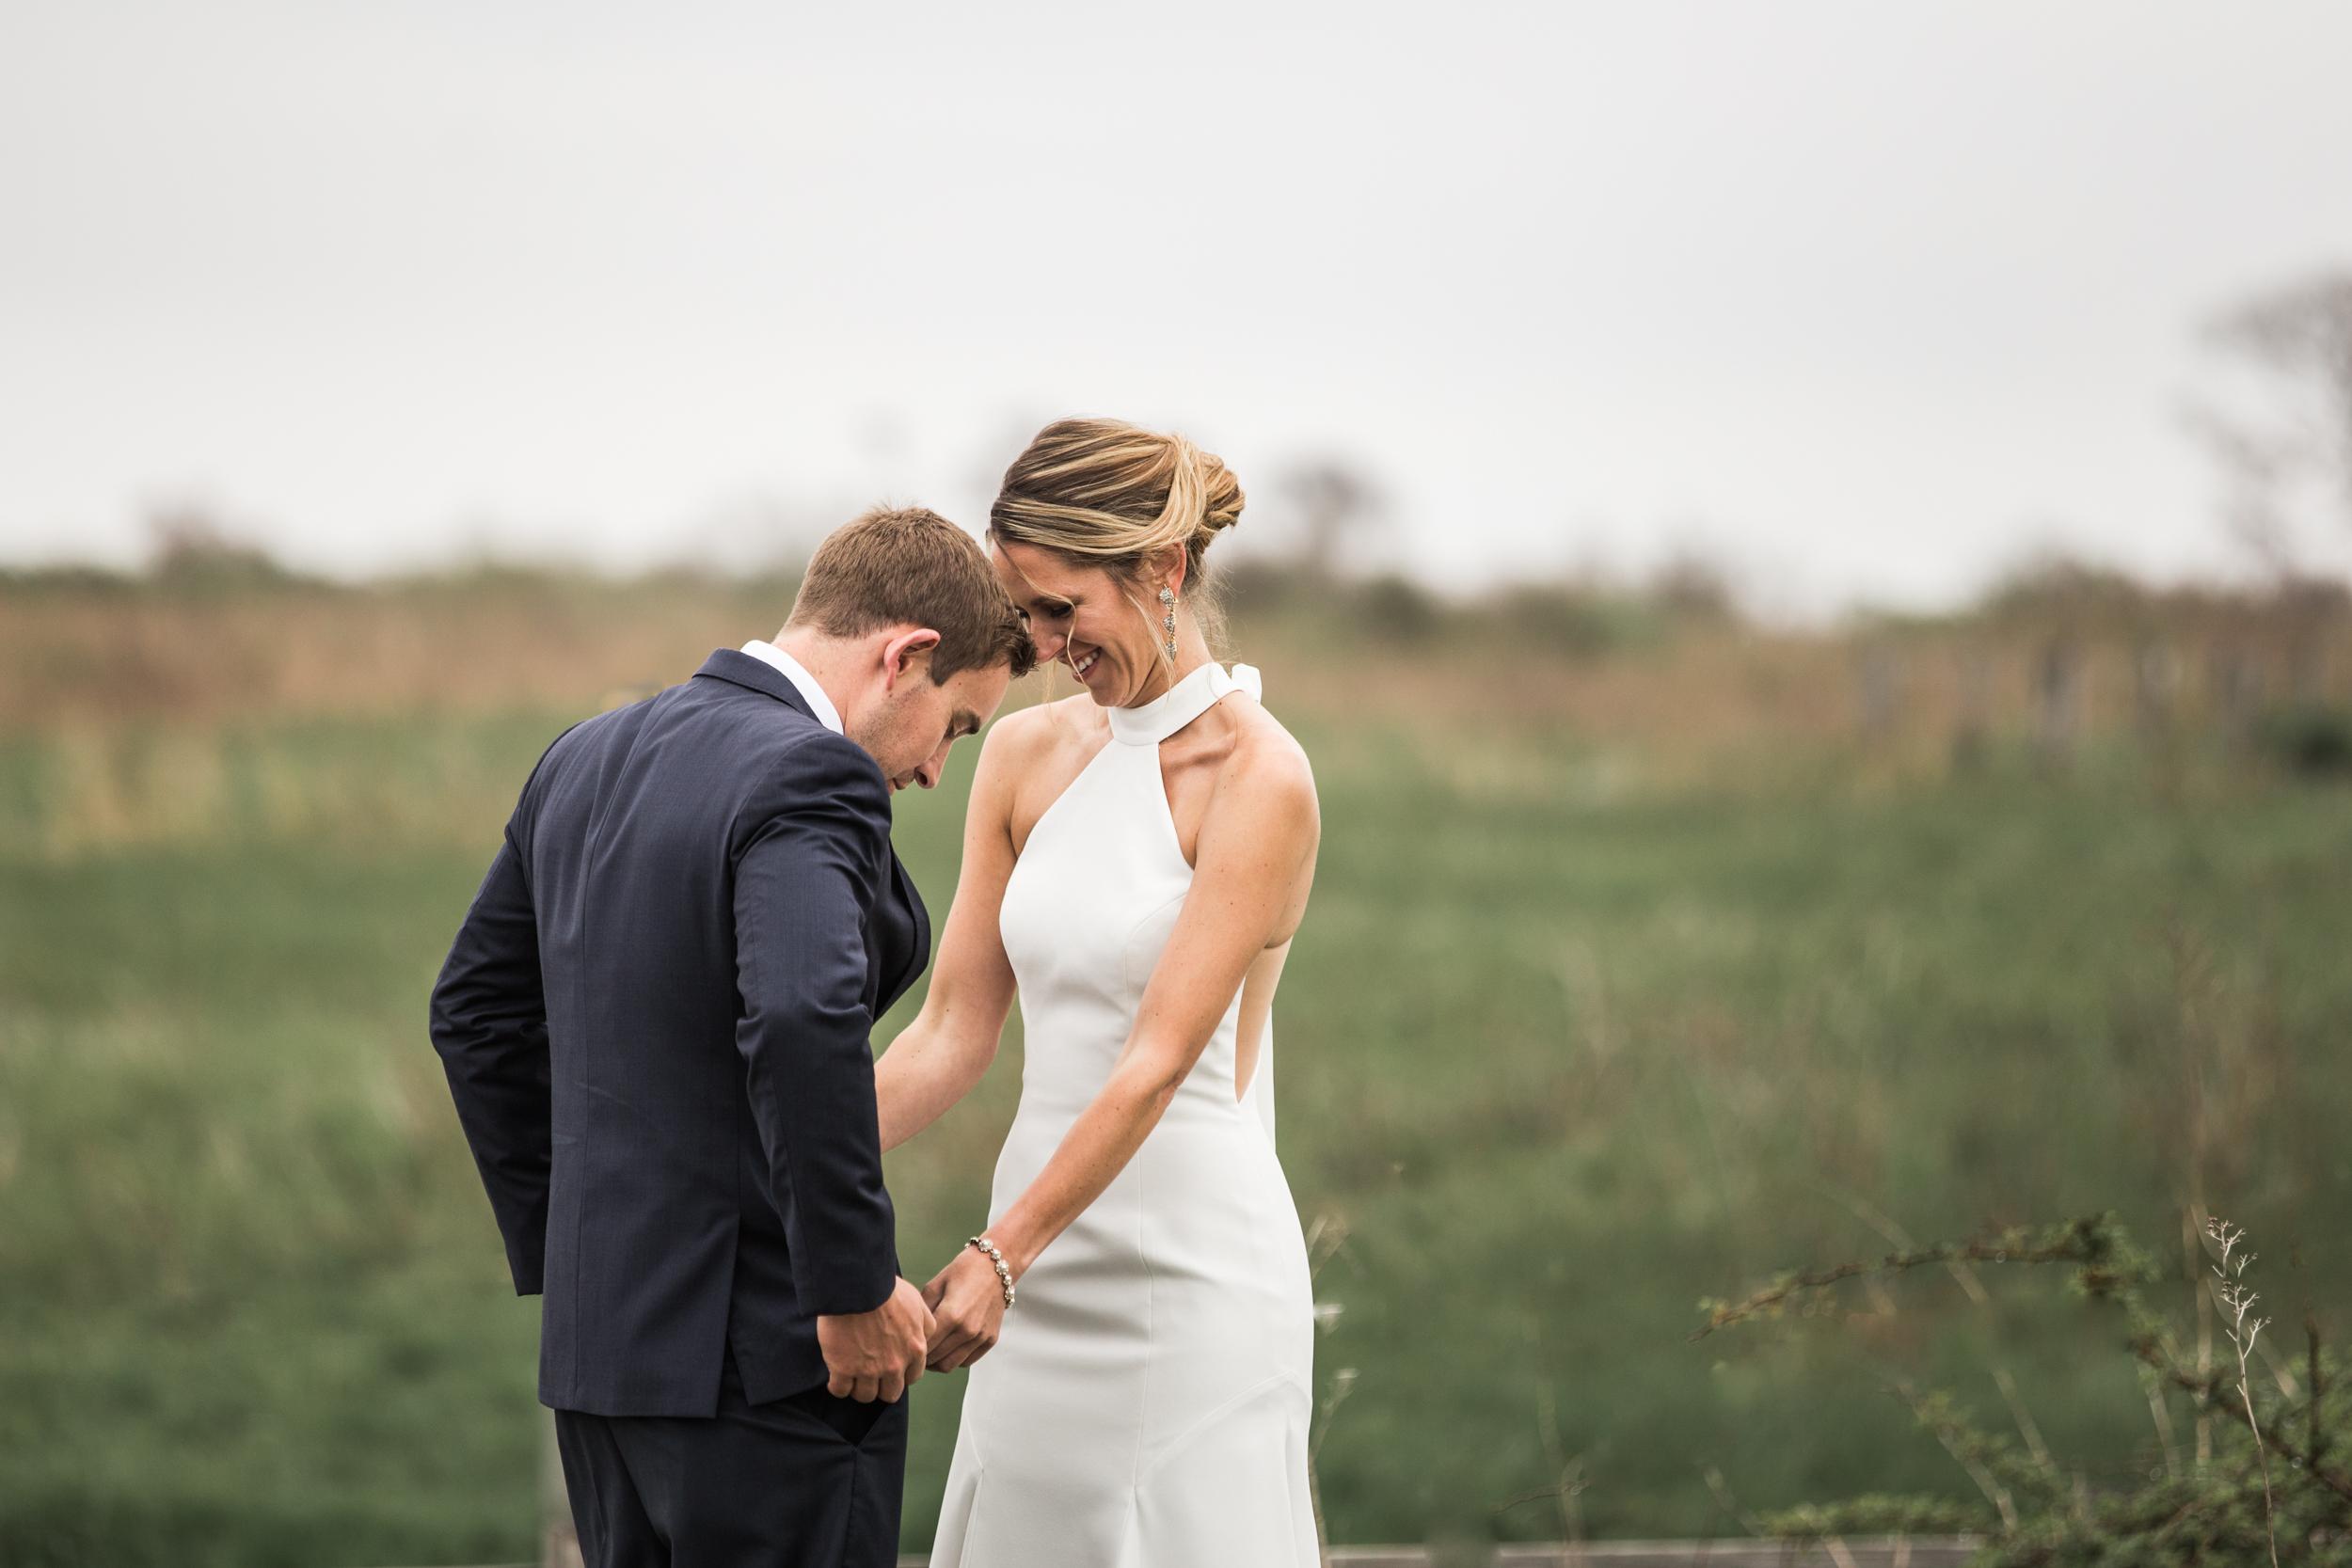 NewportRIrealwedding-1-45.jpg